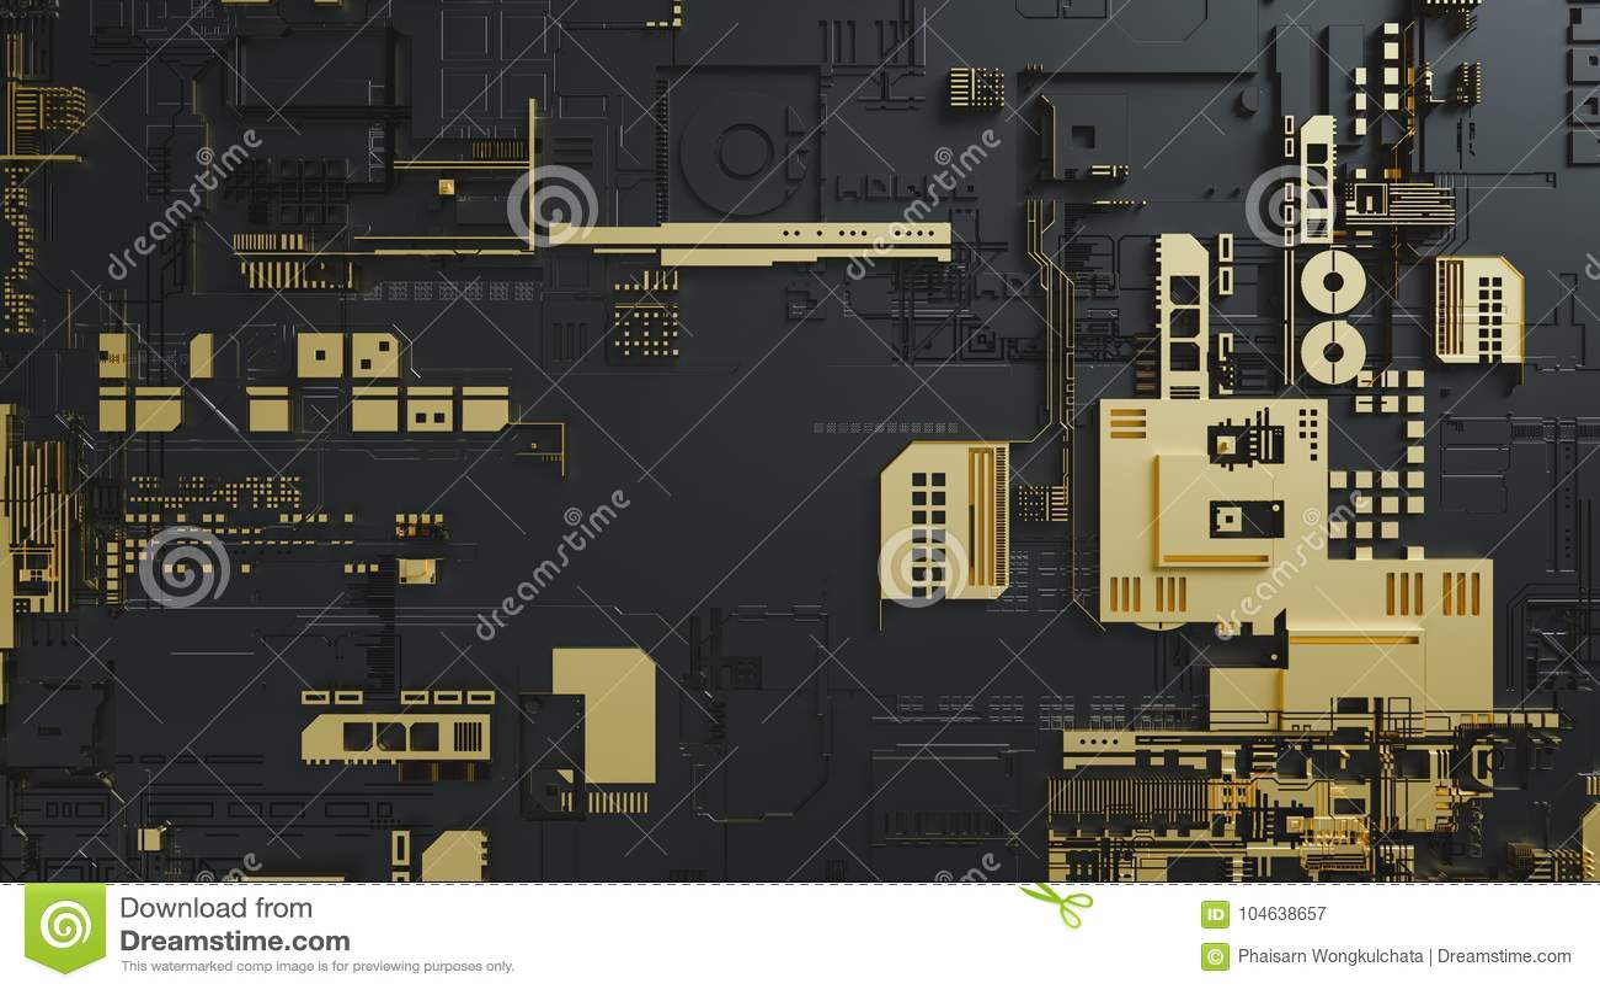 Download Elektronisch Schakelschema Met Goud Op Zwarte Achtergrond Stock Afbeelding - Afbeelding bestaande uit ontwerp, goud: 104638657